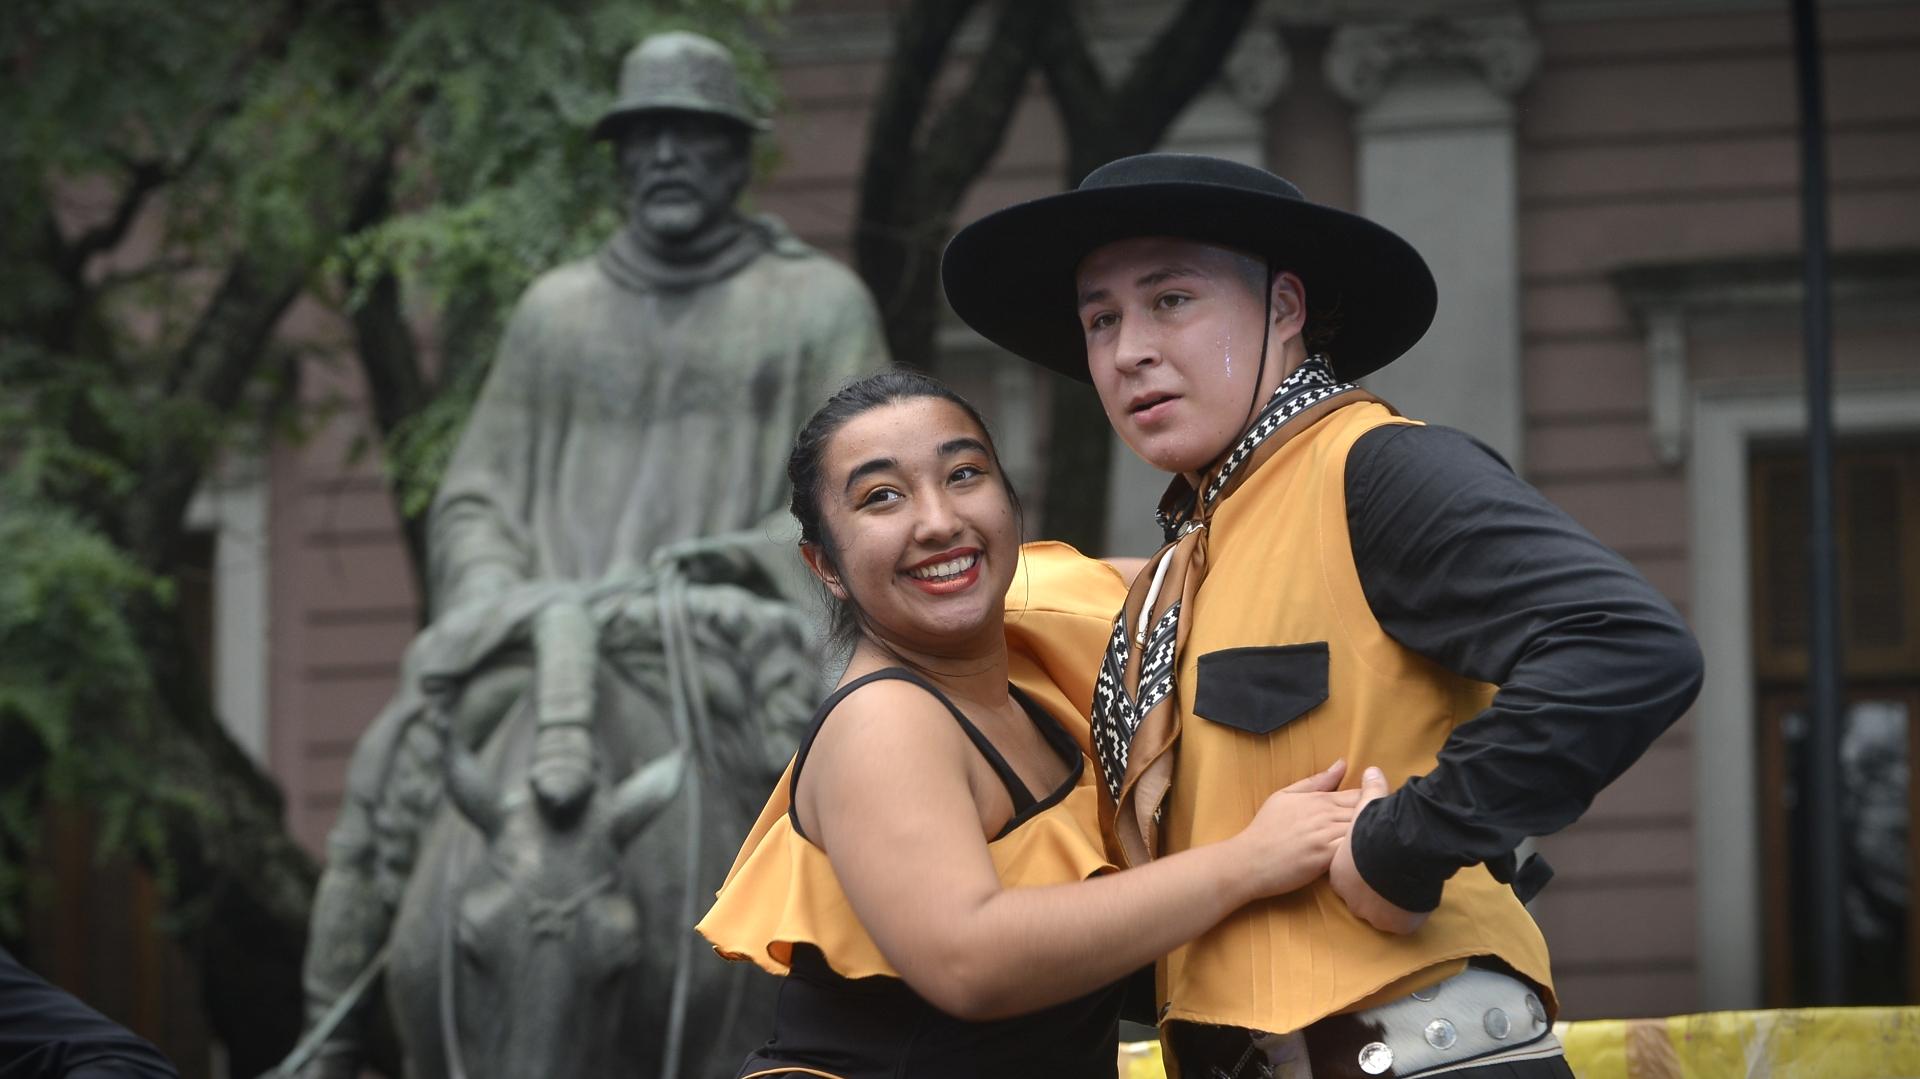 Una pareja de jóvenes que bailó en al tarde del domingo